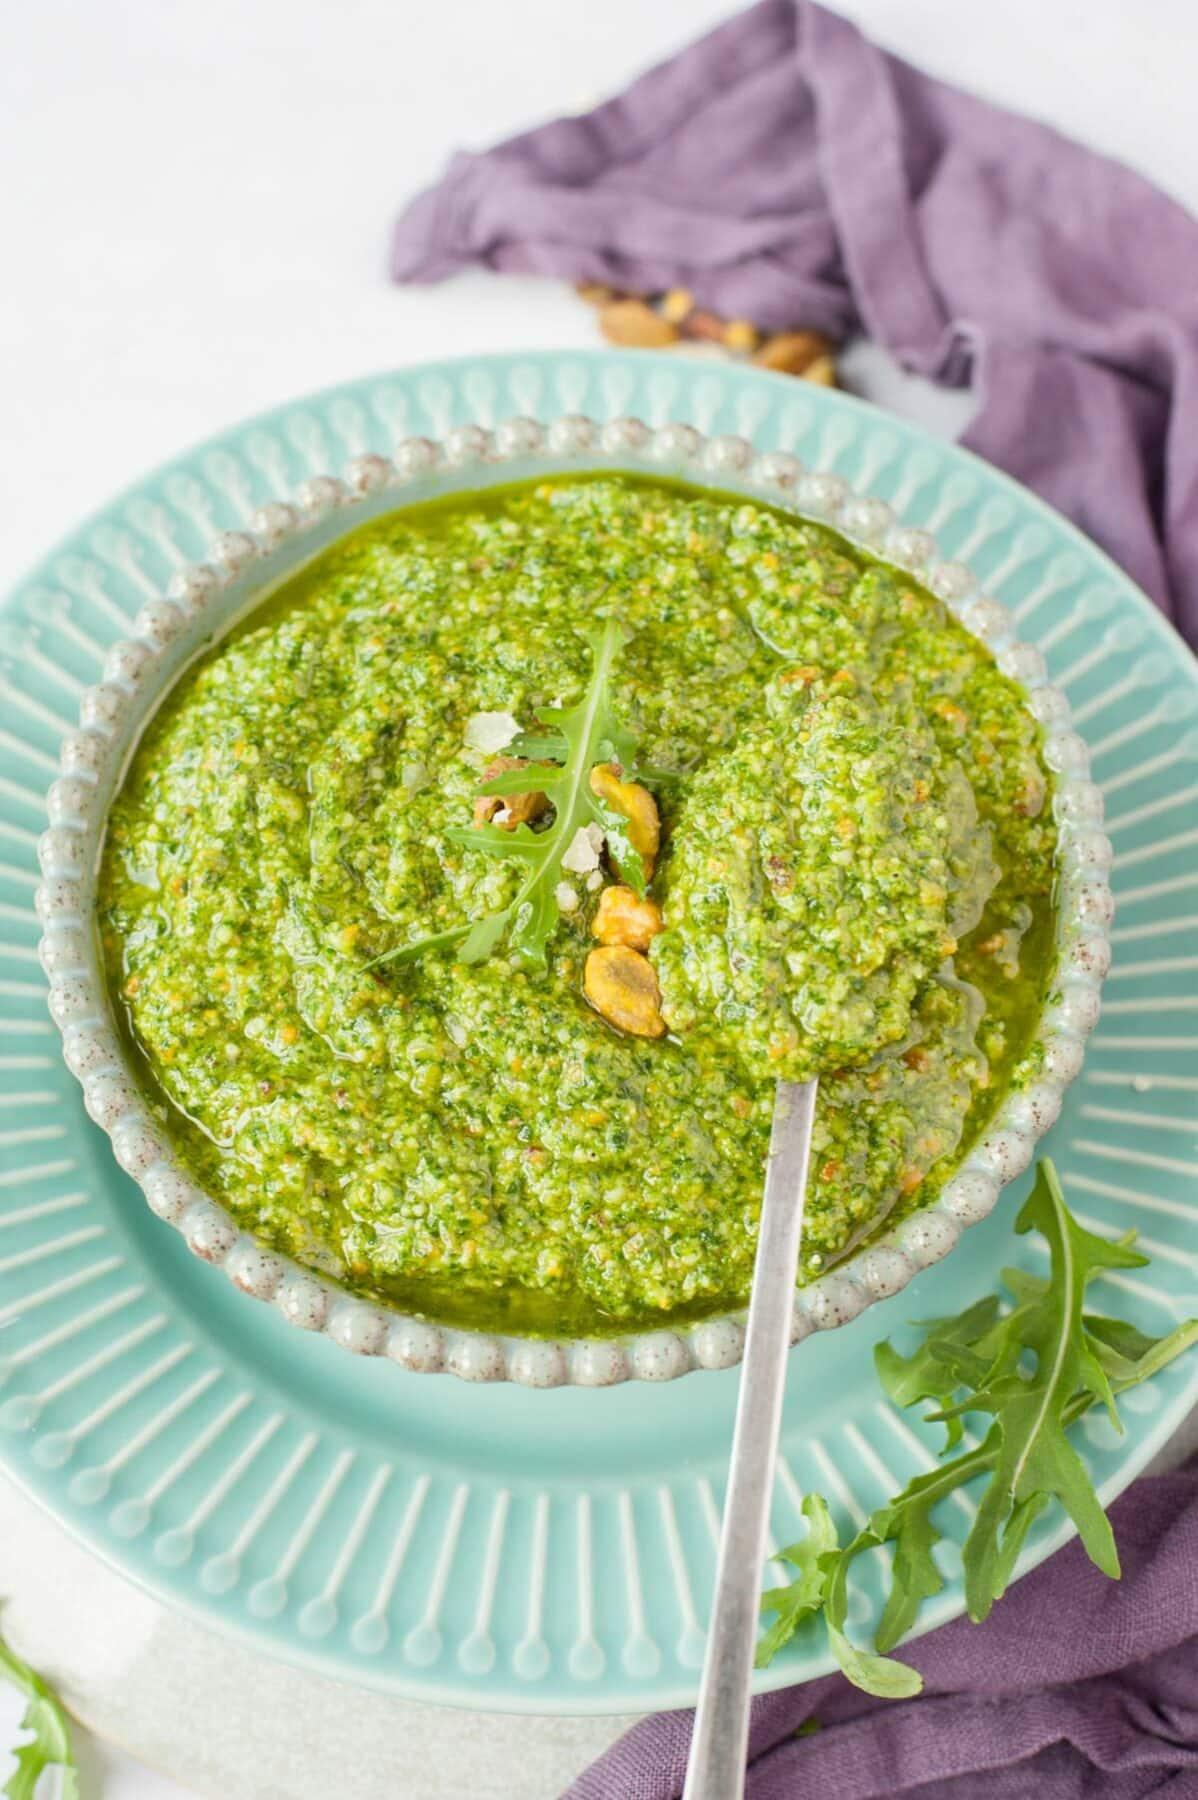 Pesto z rukoli z zielonej misce nabierane na łyżkę.